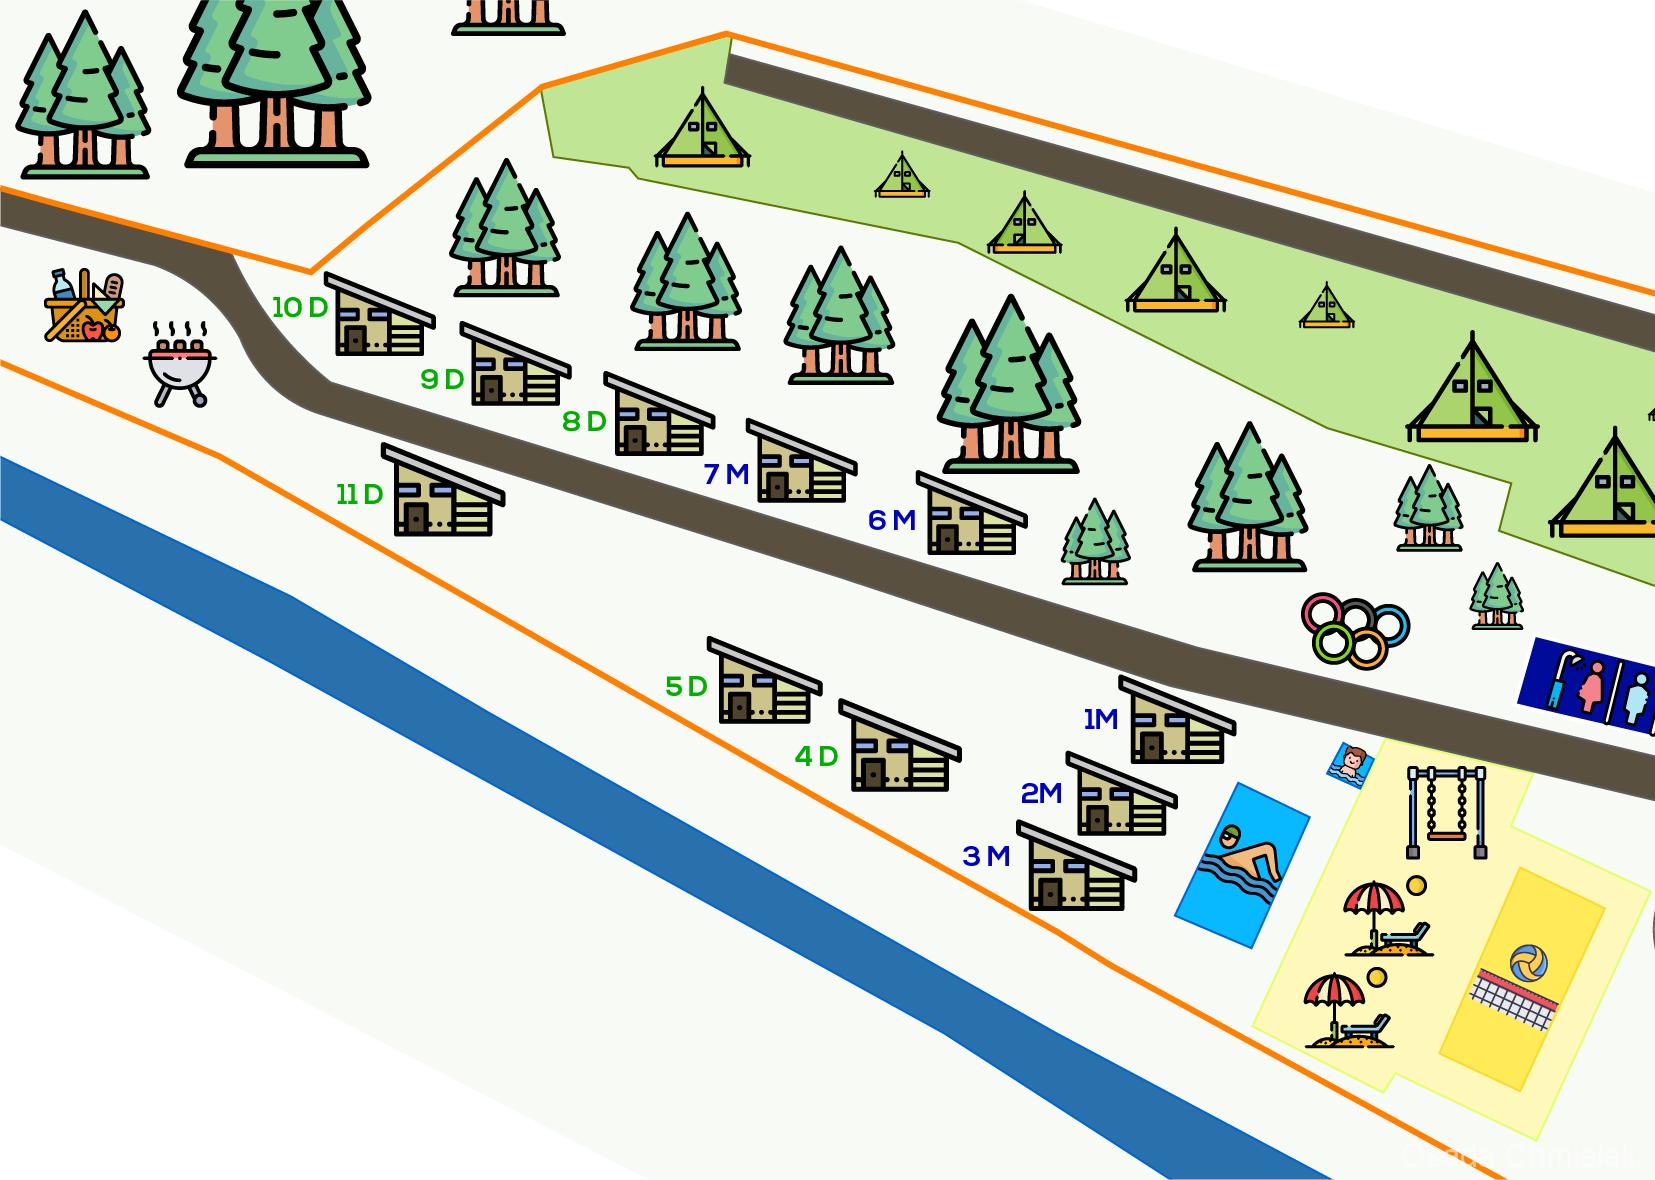 Domki-mapa